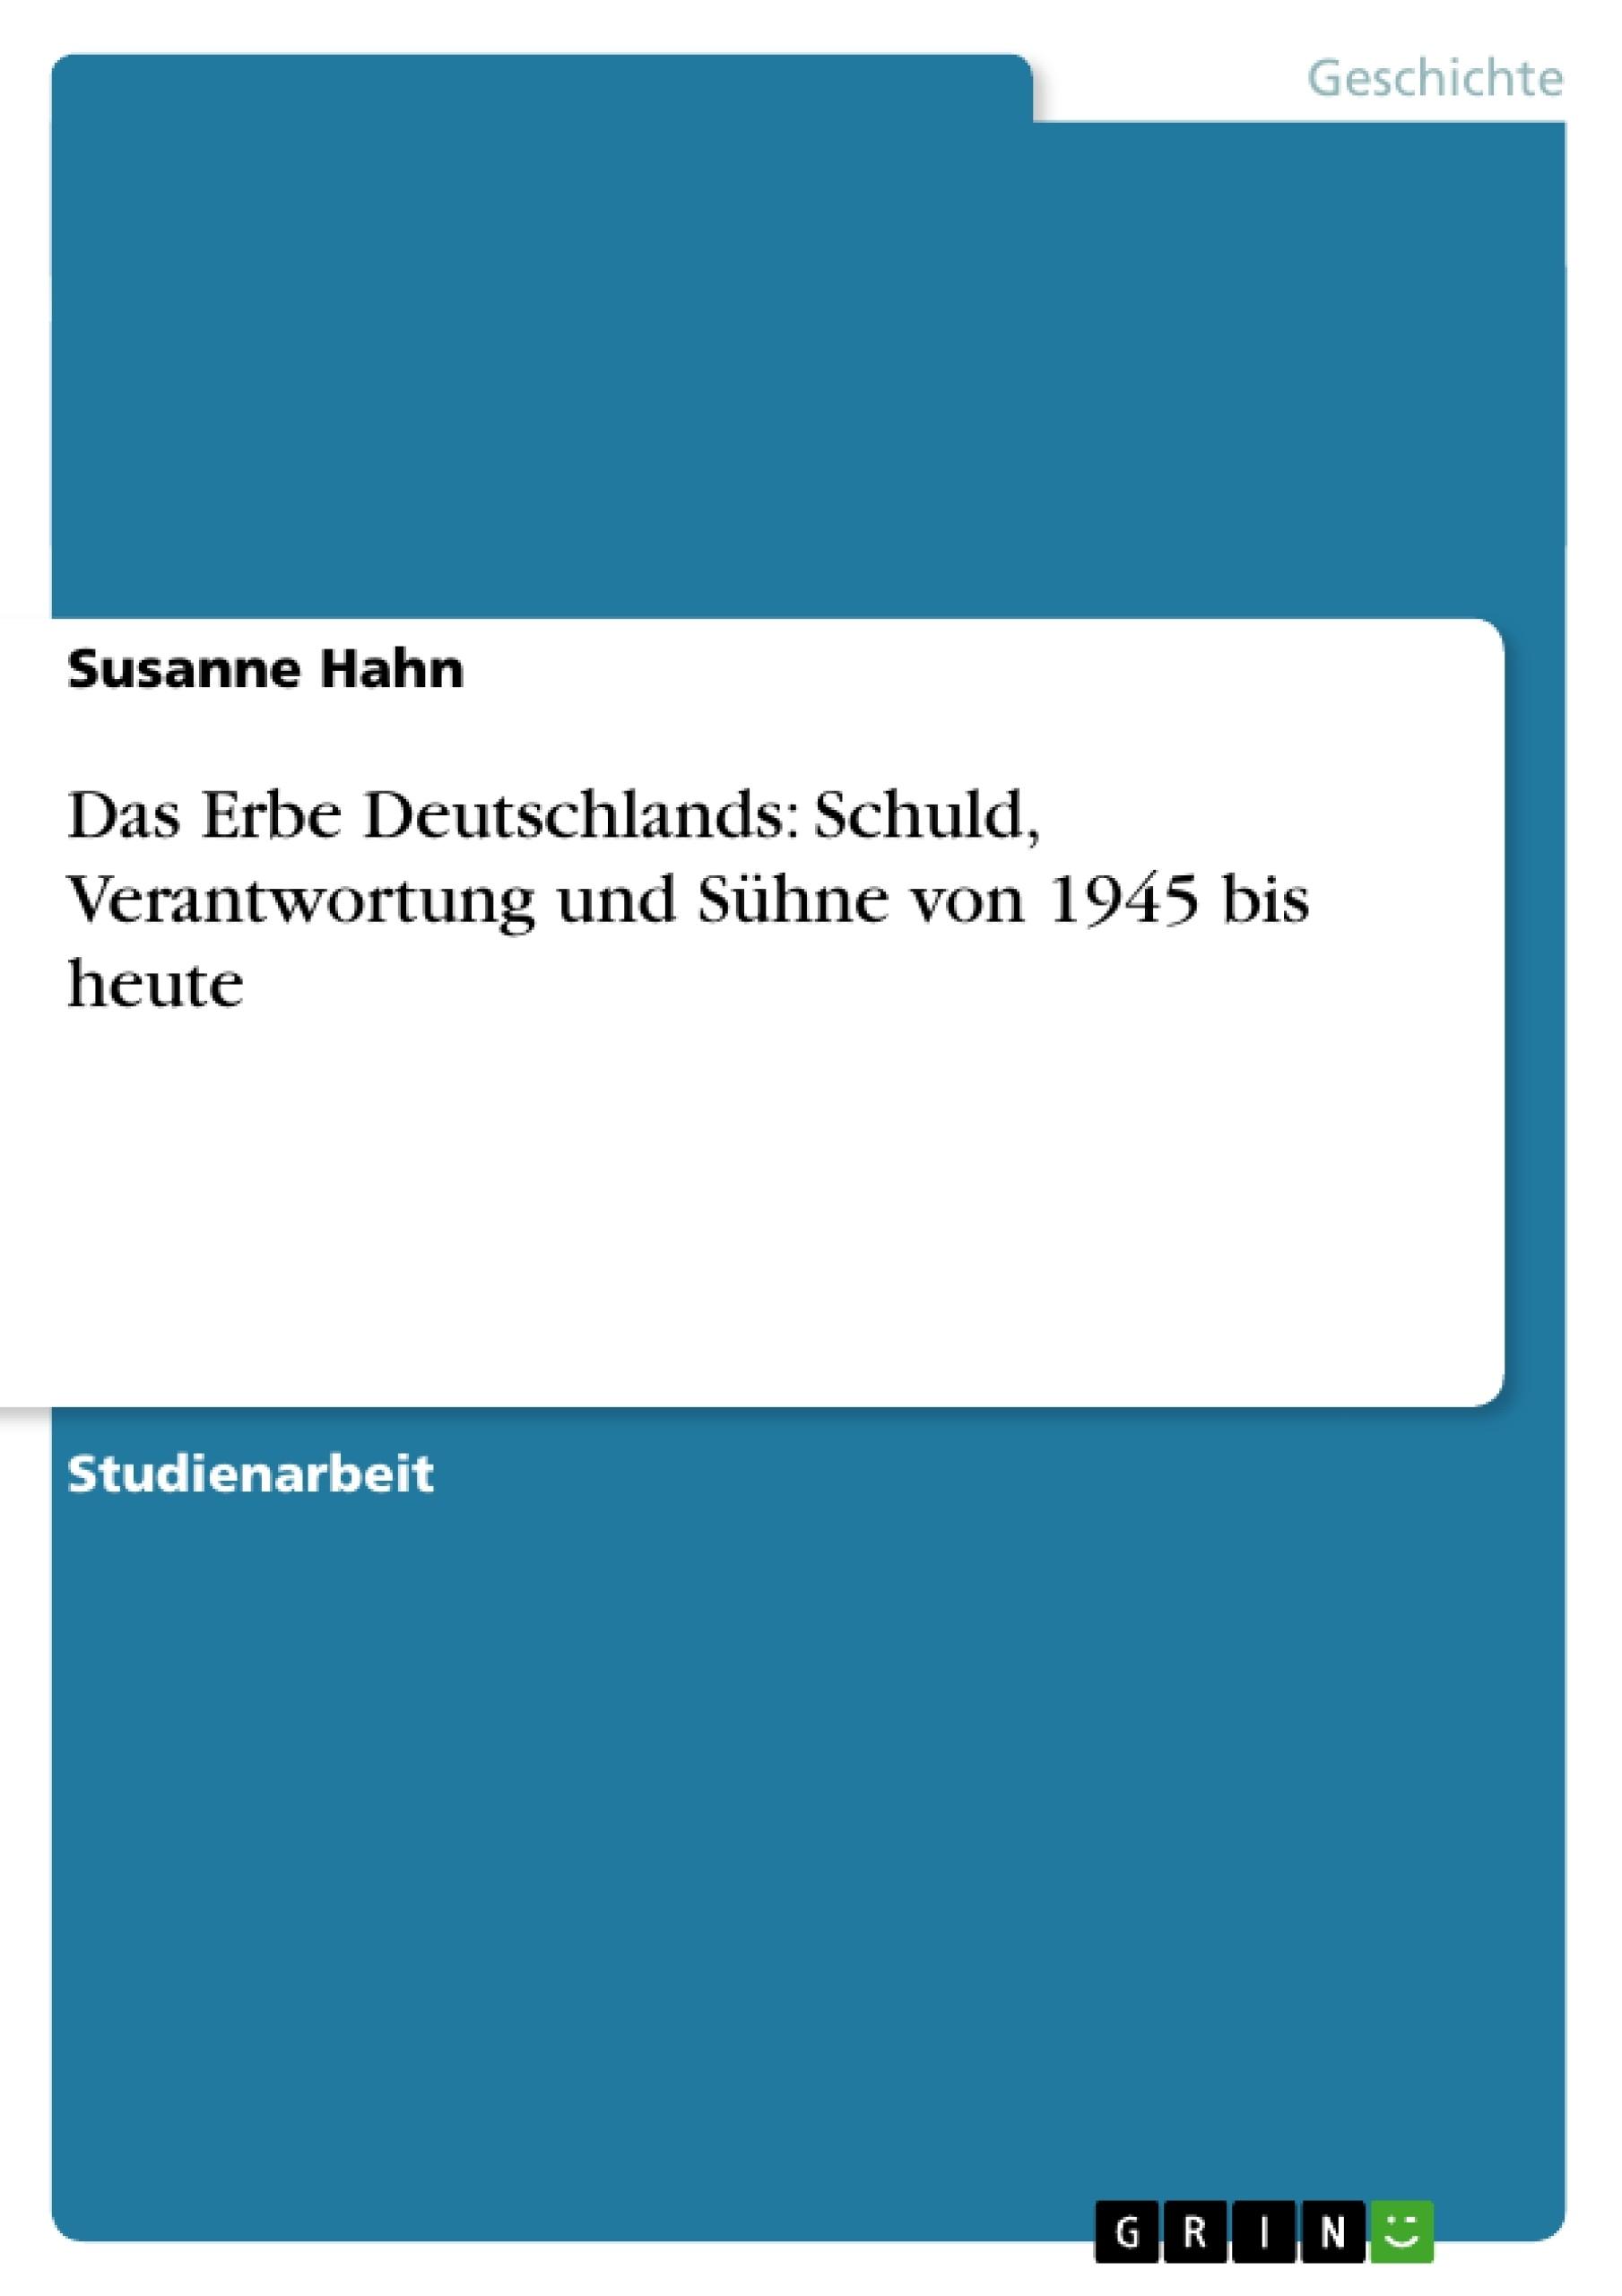 Titel: Das Erbe Deutschlands: Schuld, Verantwortung und Sühne von 1945 bis heute